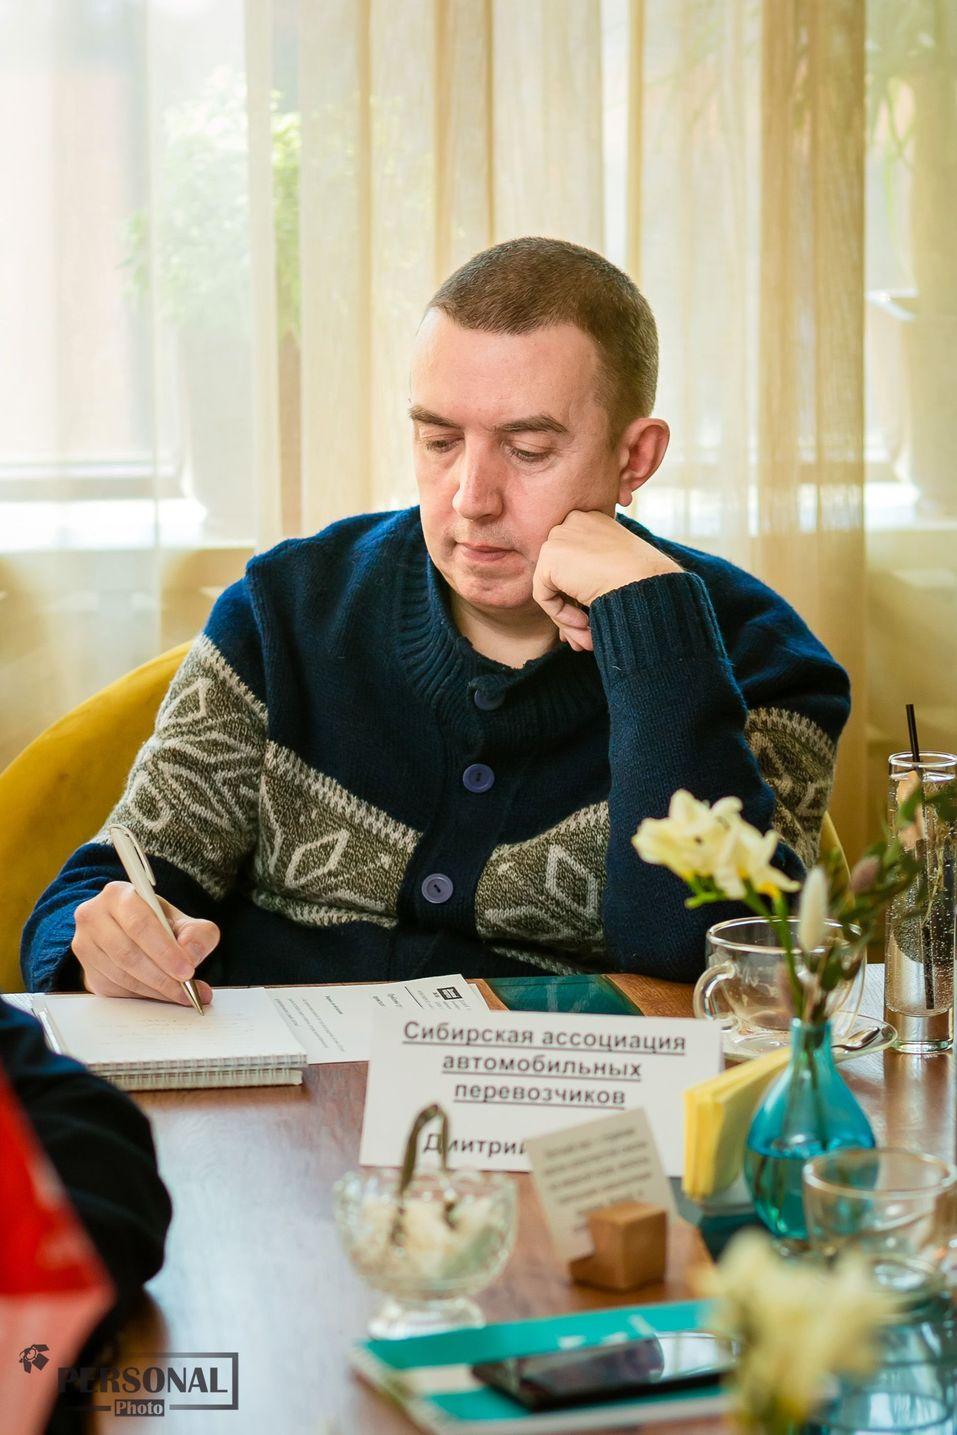 Новосибирские перевозчики: «Финансовые нагрузки делают наш бизнес нерентабельным» 14